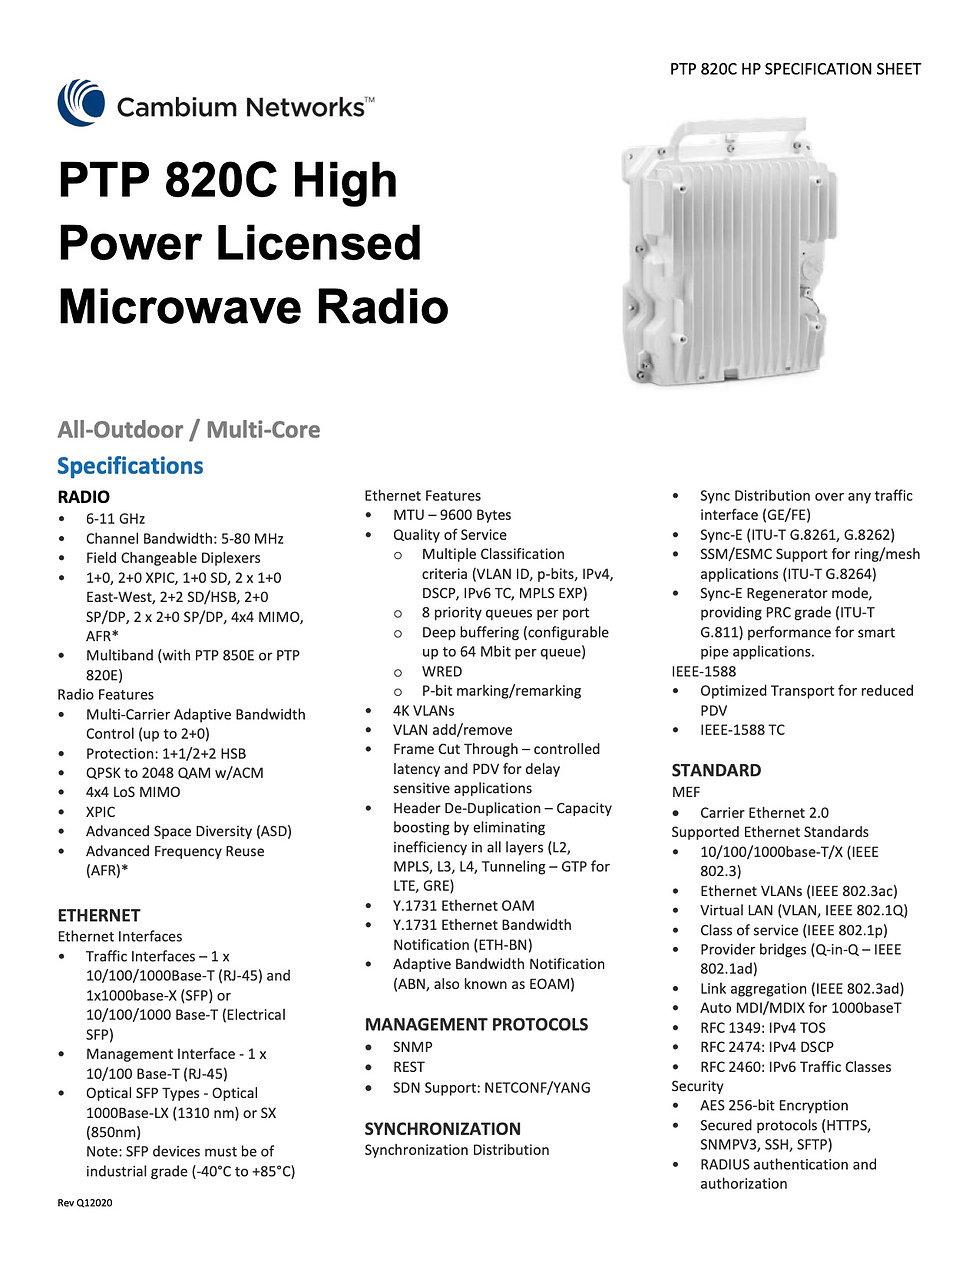 Cambium PTP 820C HP Specification